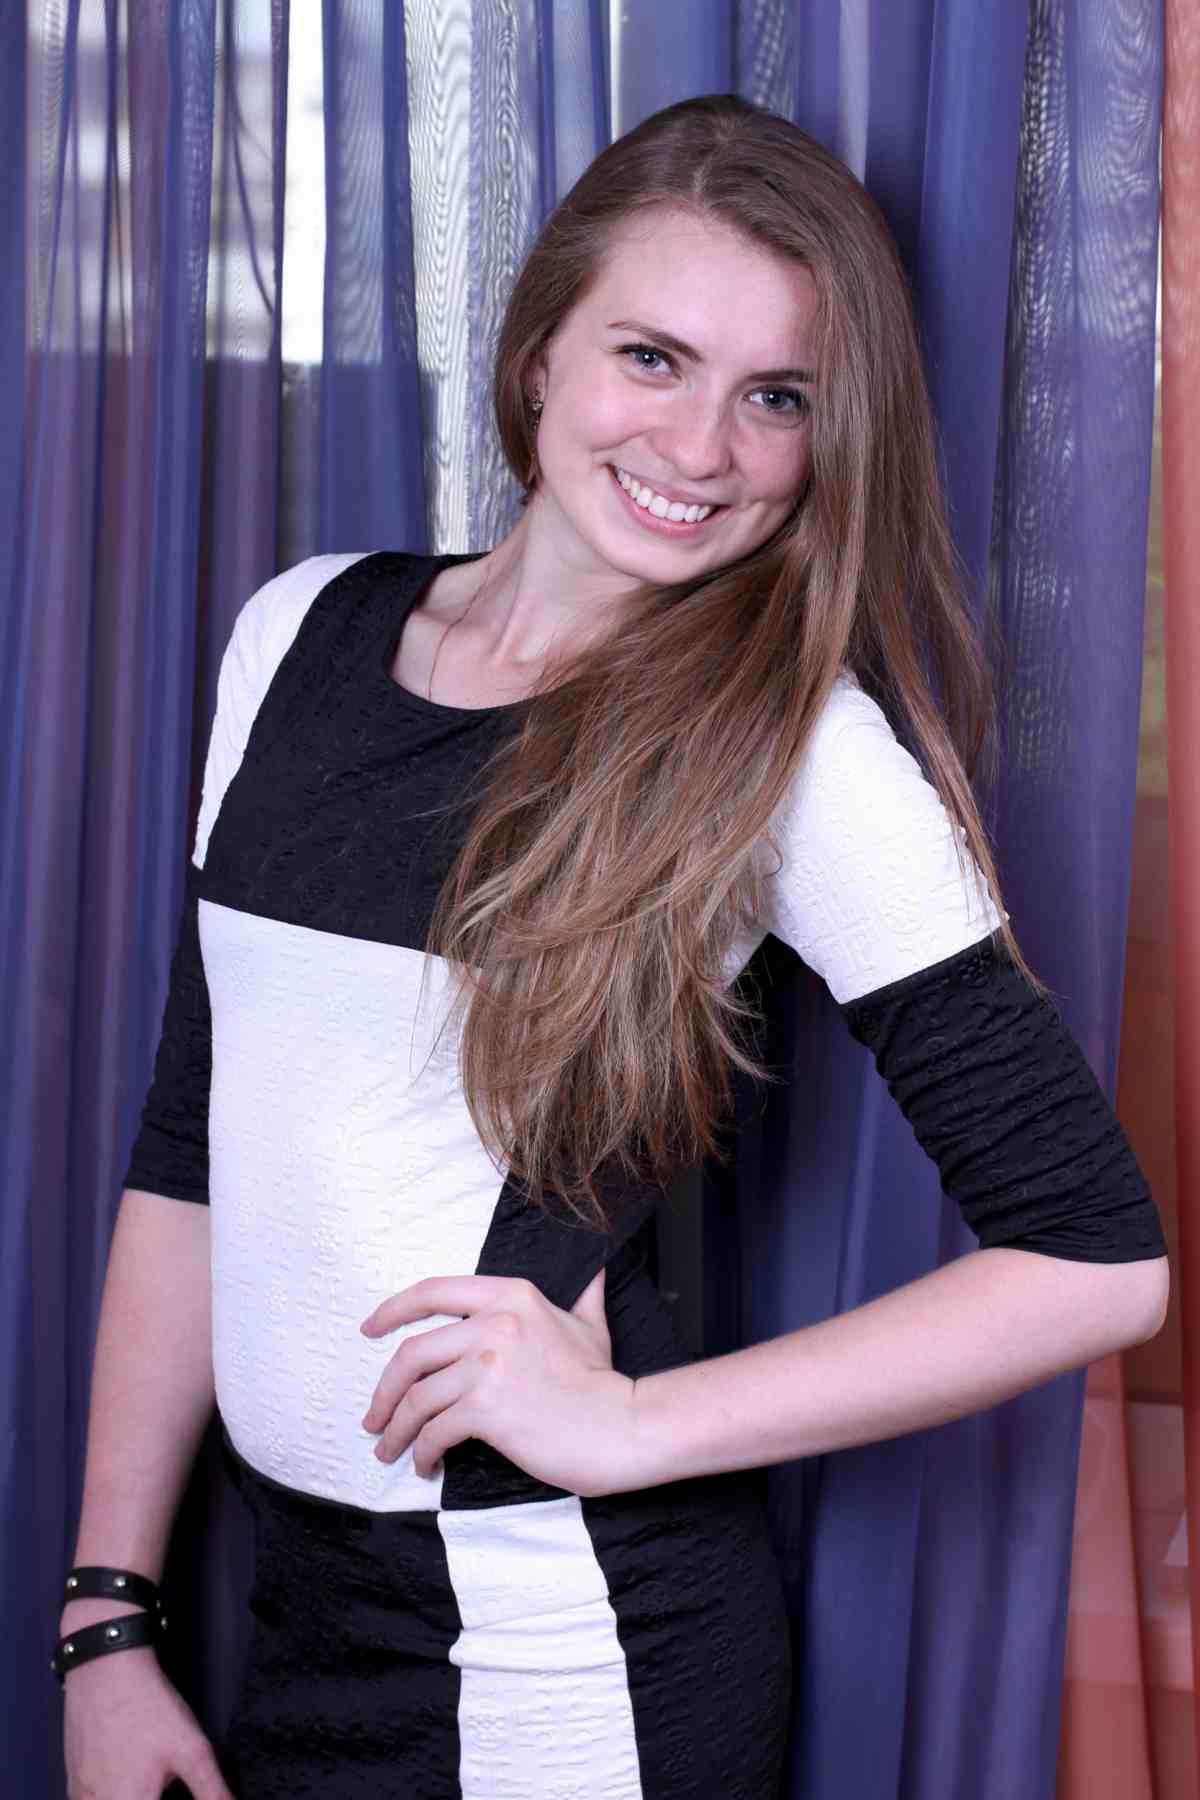 Emily Hunter